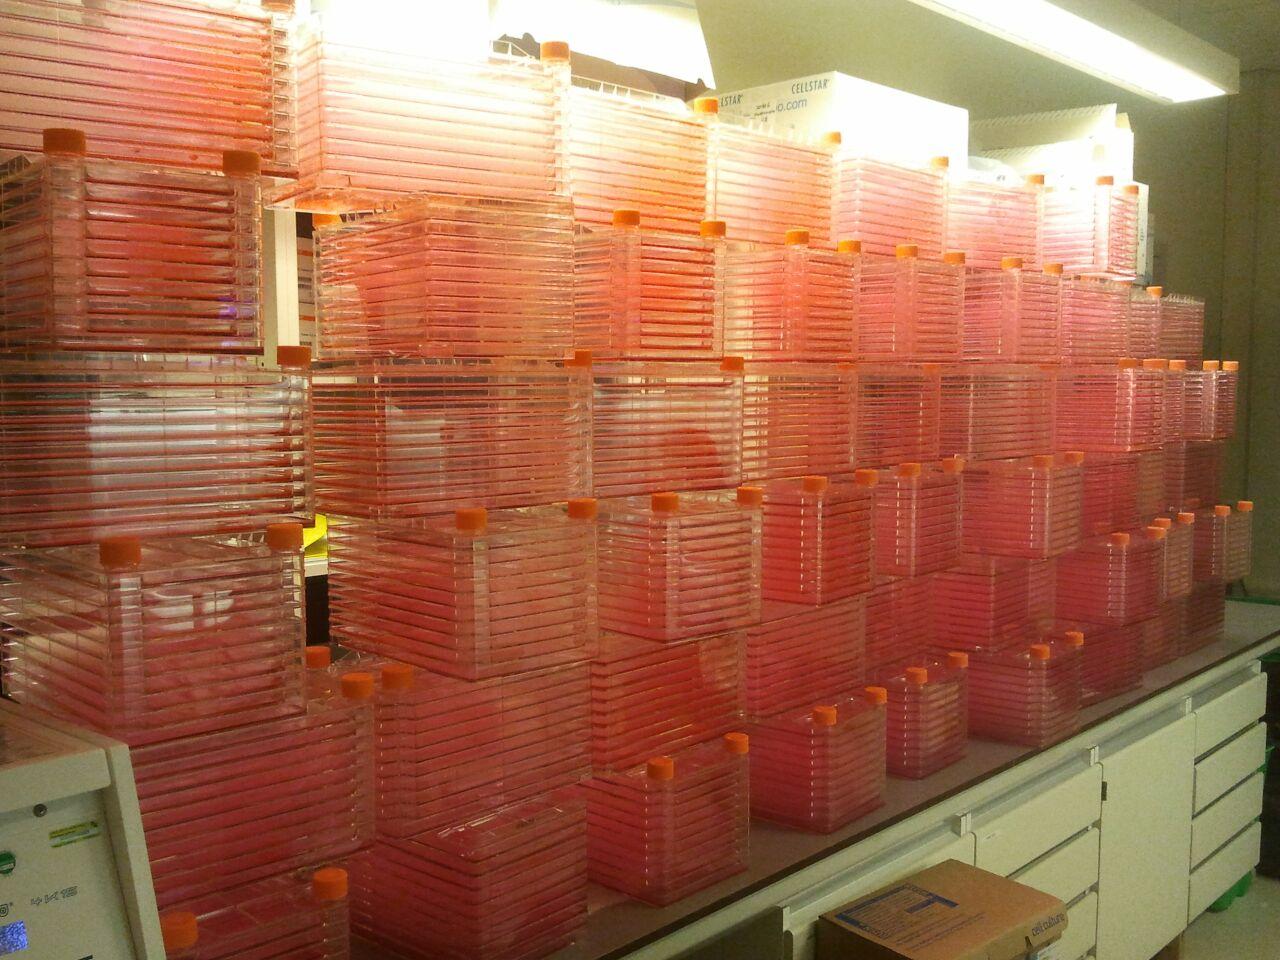 Pohled do laboratoře Marka Posta s malou částí kultivačních misek. Jsou vyrovnány do deseti vrstev a po dobu dvou let se v nich opakovaně v několikatýdenních intervalech množily buňky aby jich ve finále bylo dost na přípravu jednoho hamburgeru.Kredi